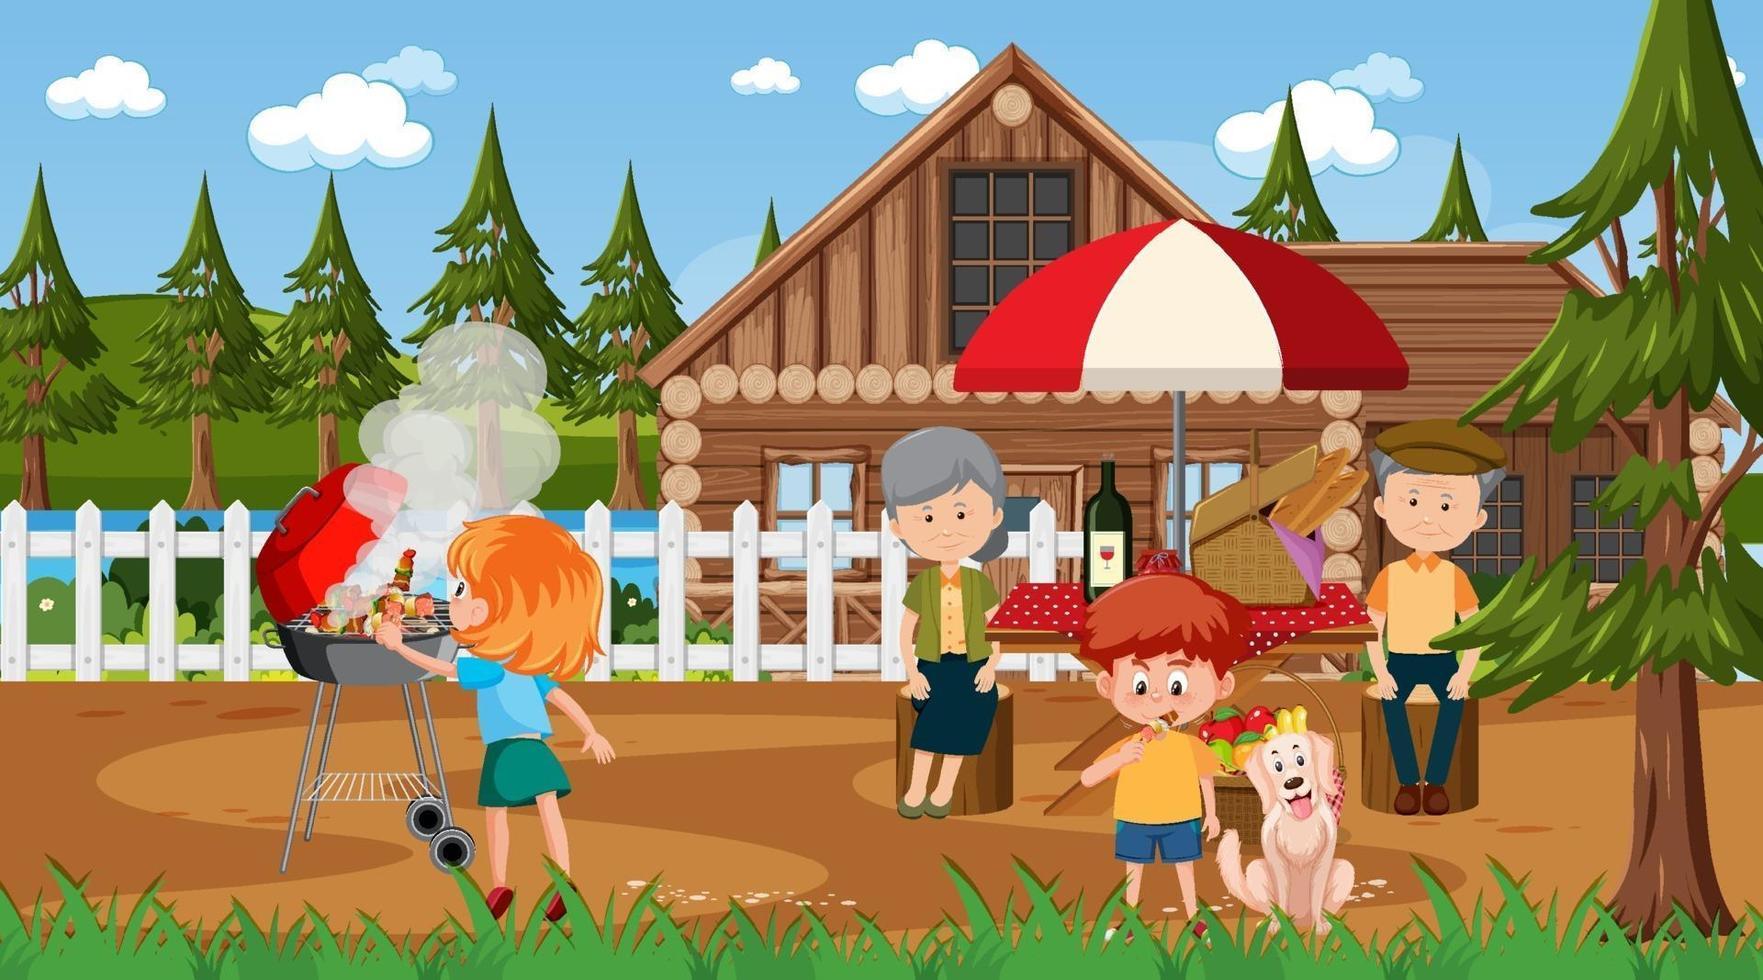 scène en plein air de la nature avec une famille heureuse ayant un pique-nique vecteur